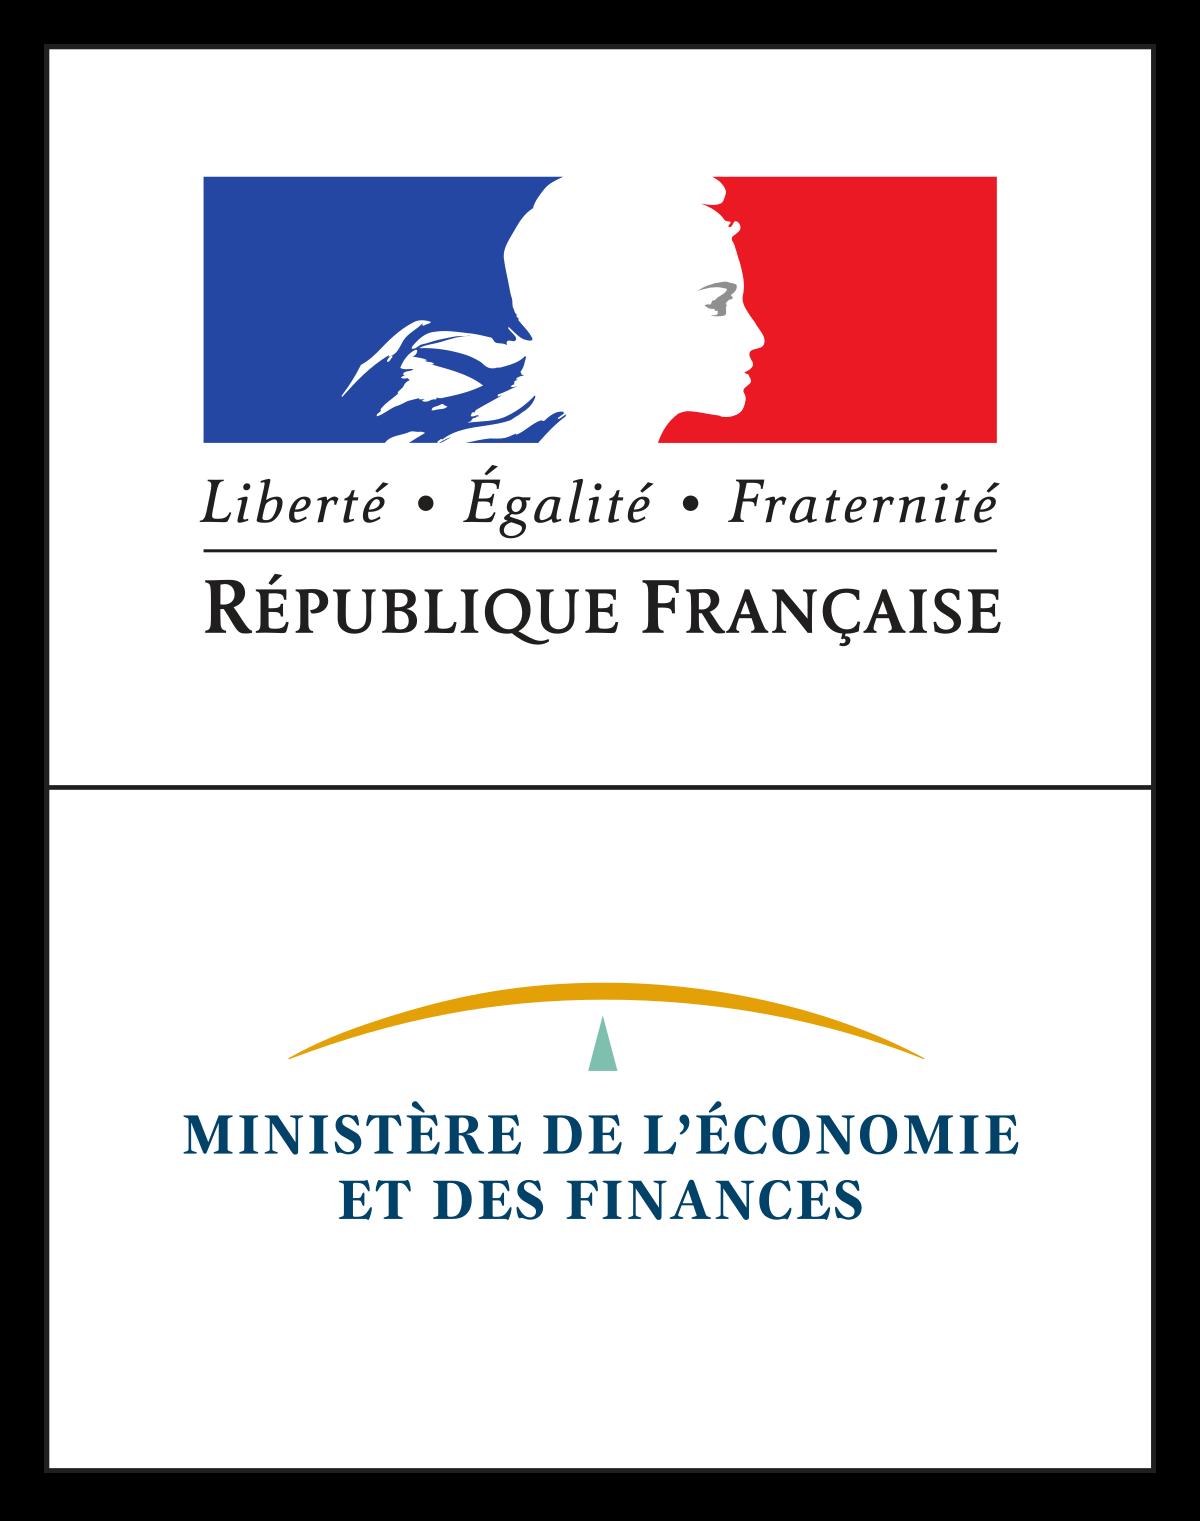 ministère du commerce france - Artisanat et commerce equitable